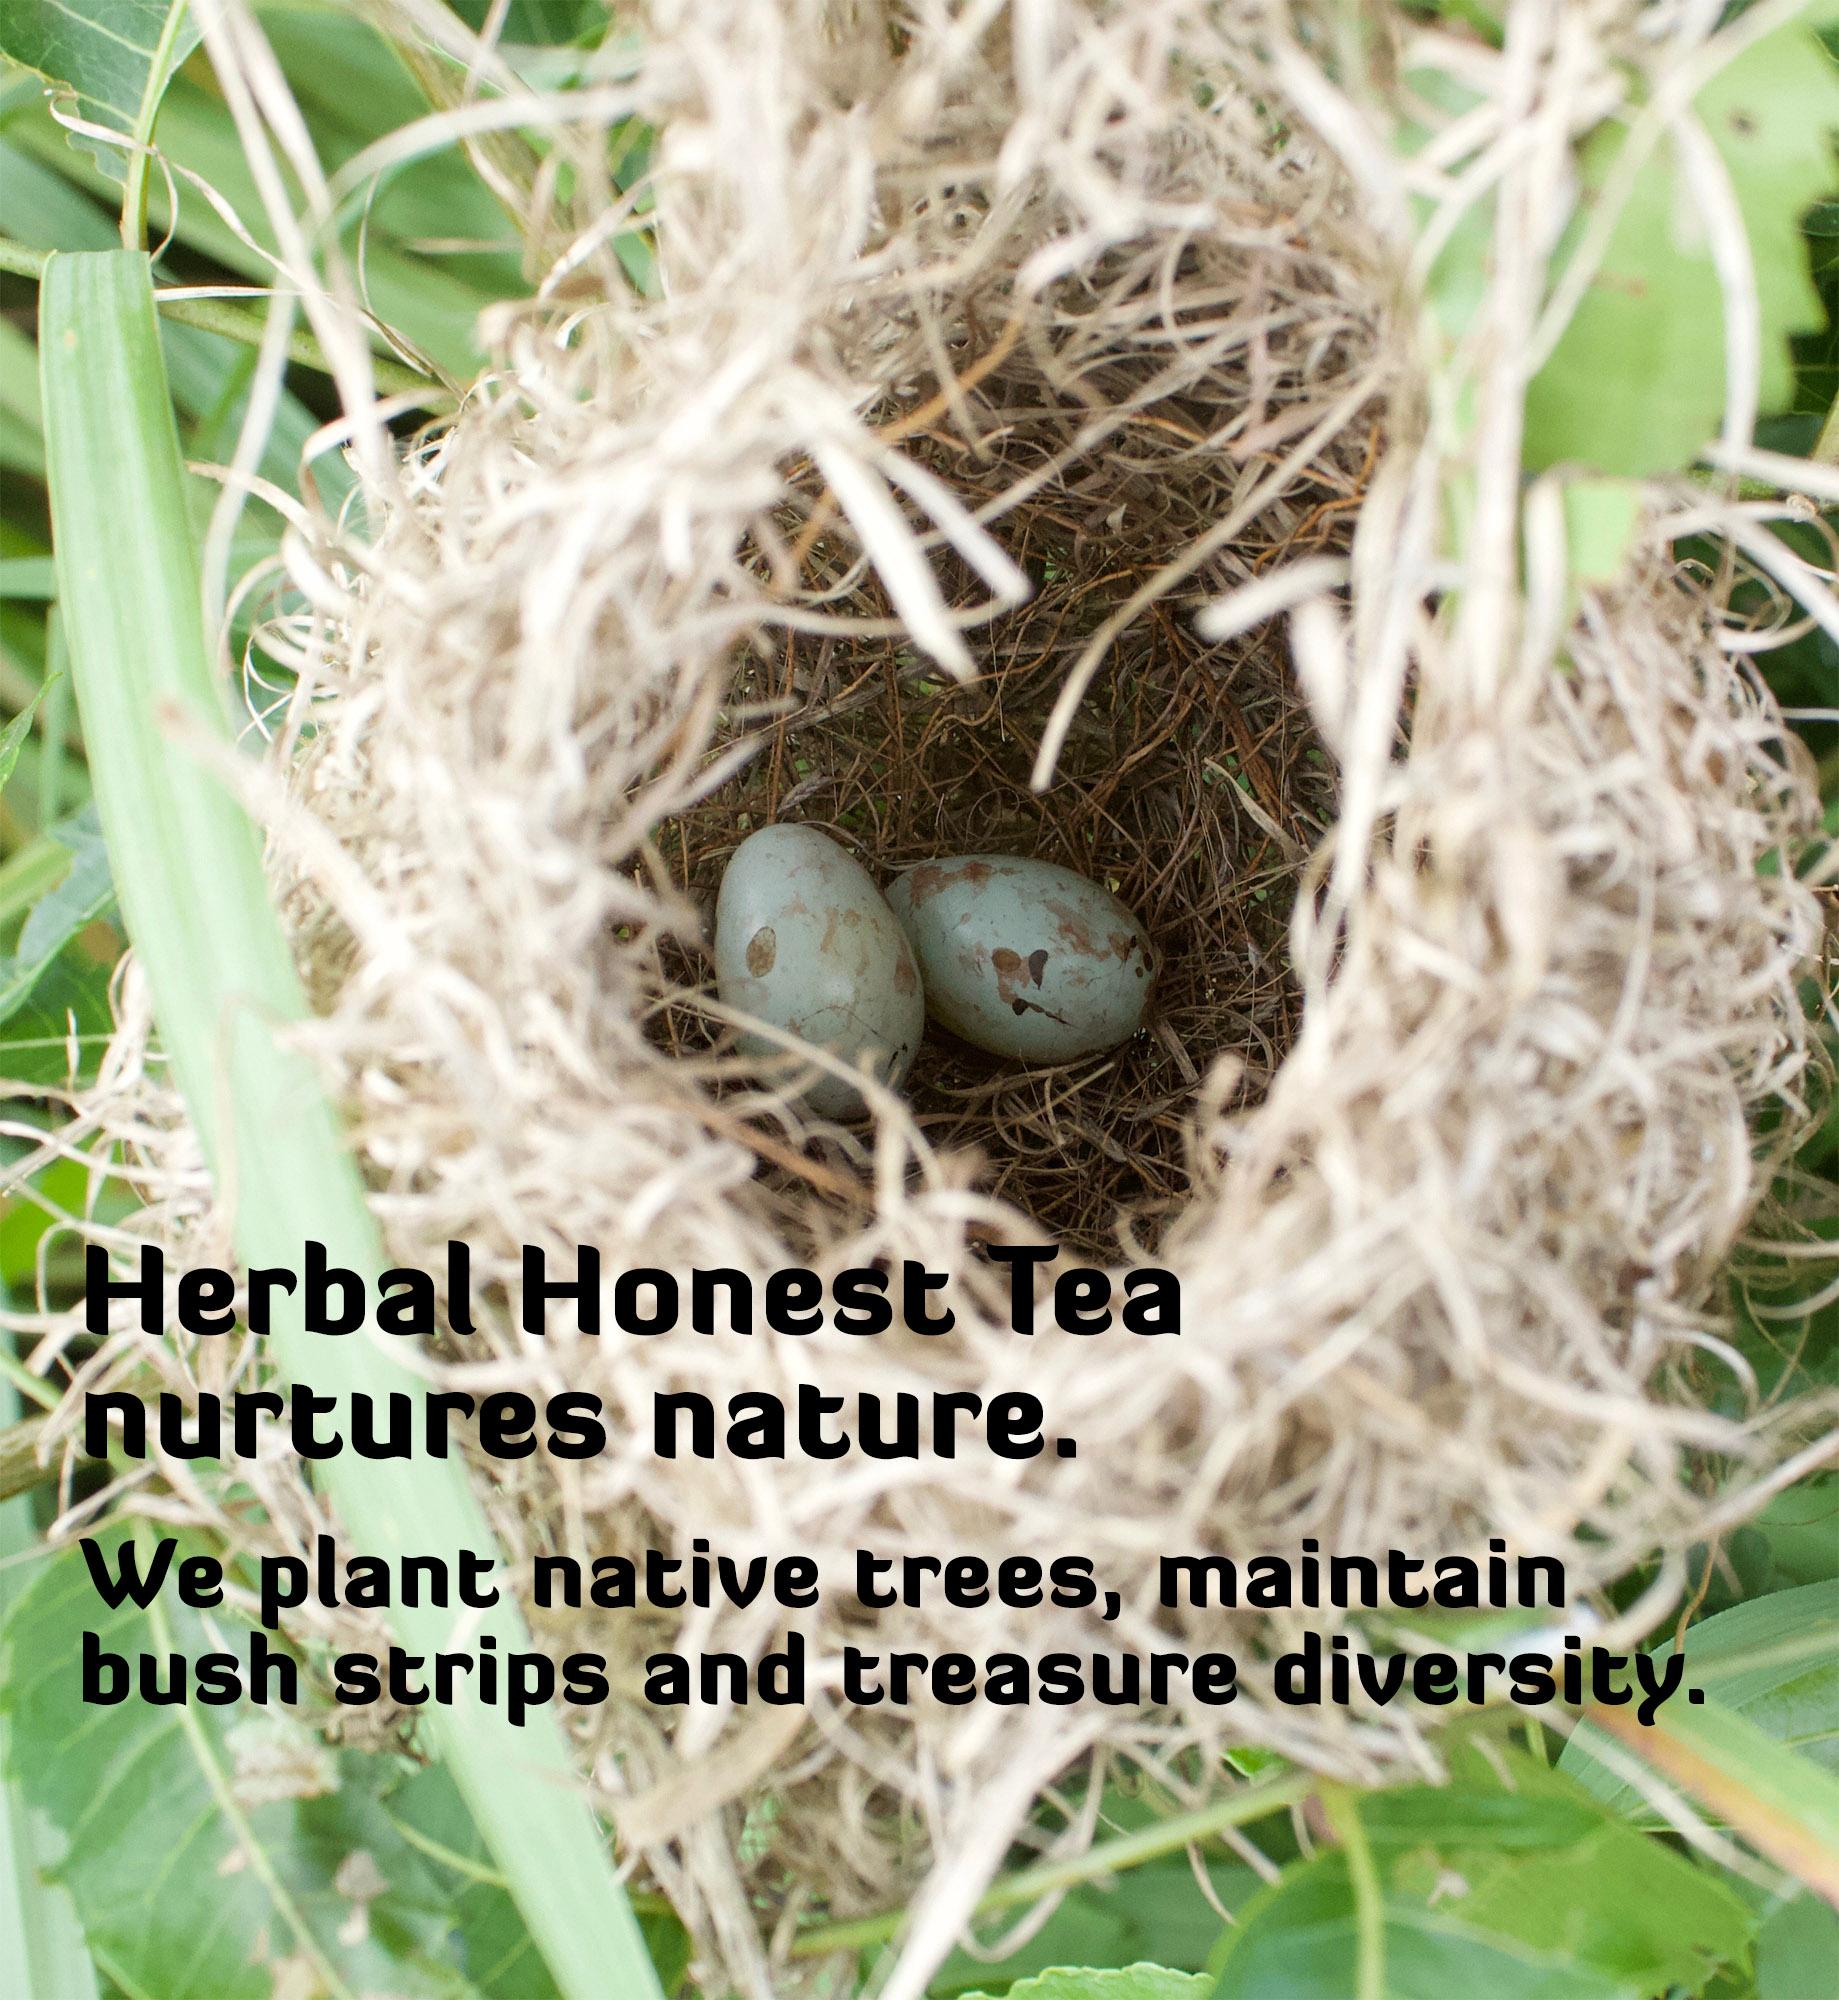 Two blue eggs in a nest in a lemongrass field.